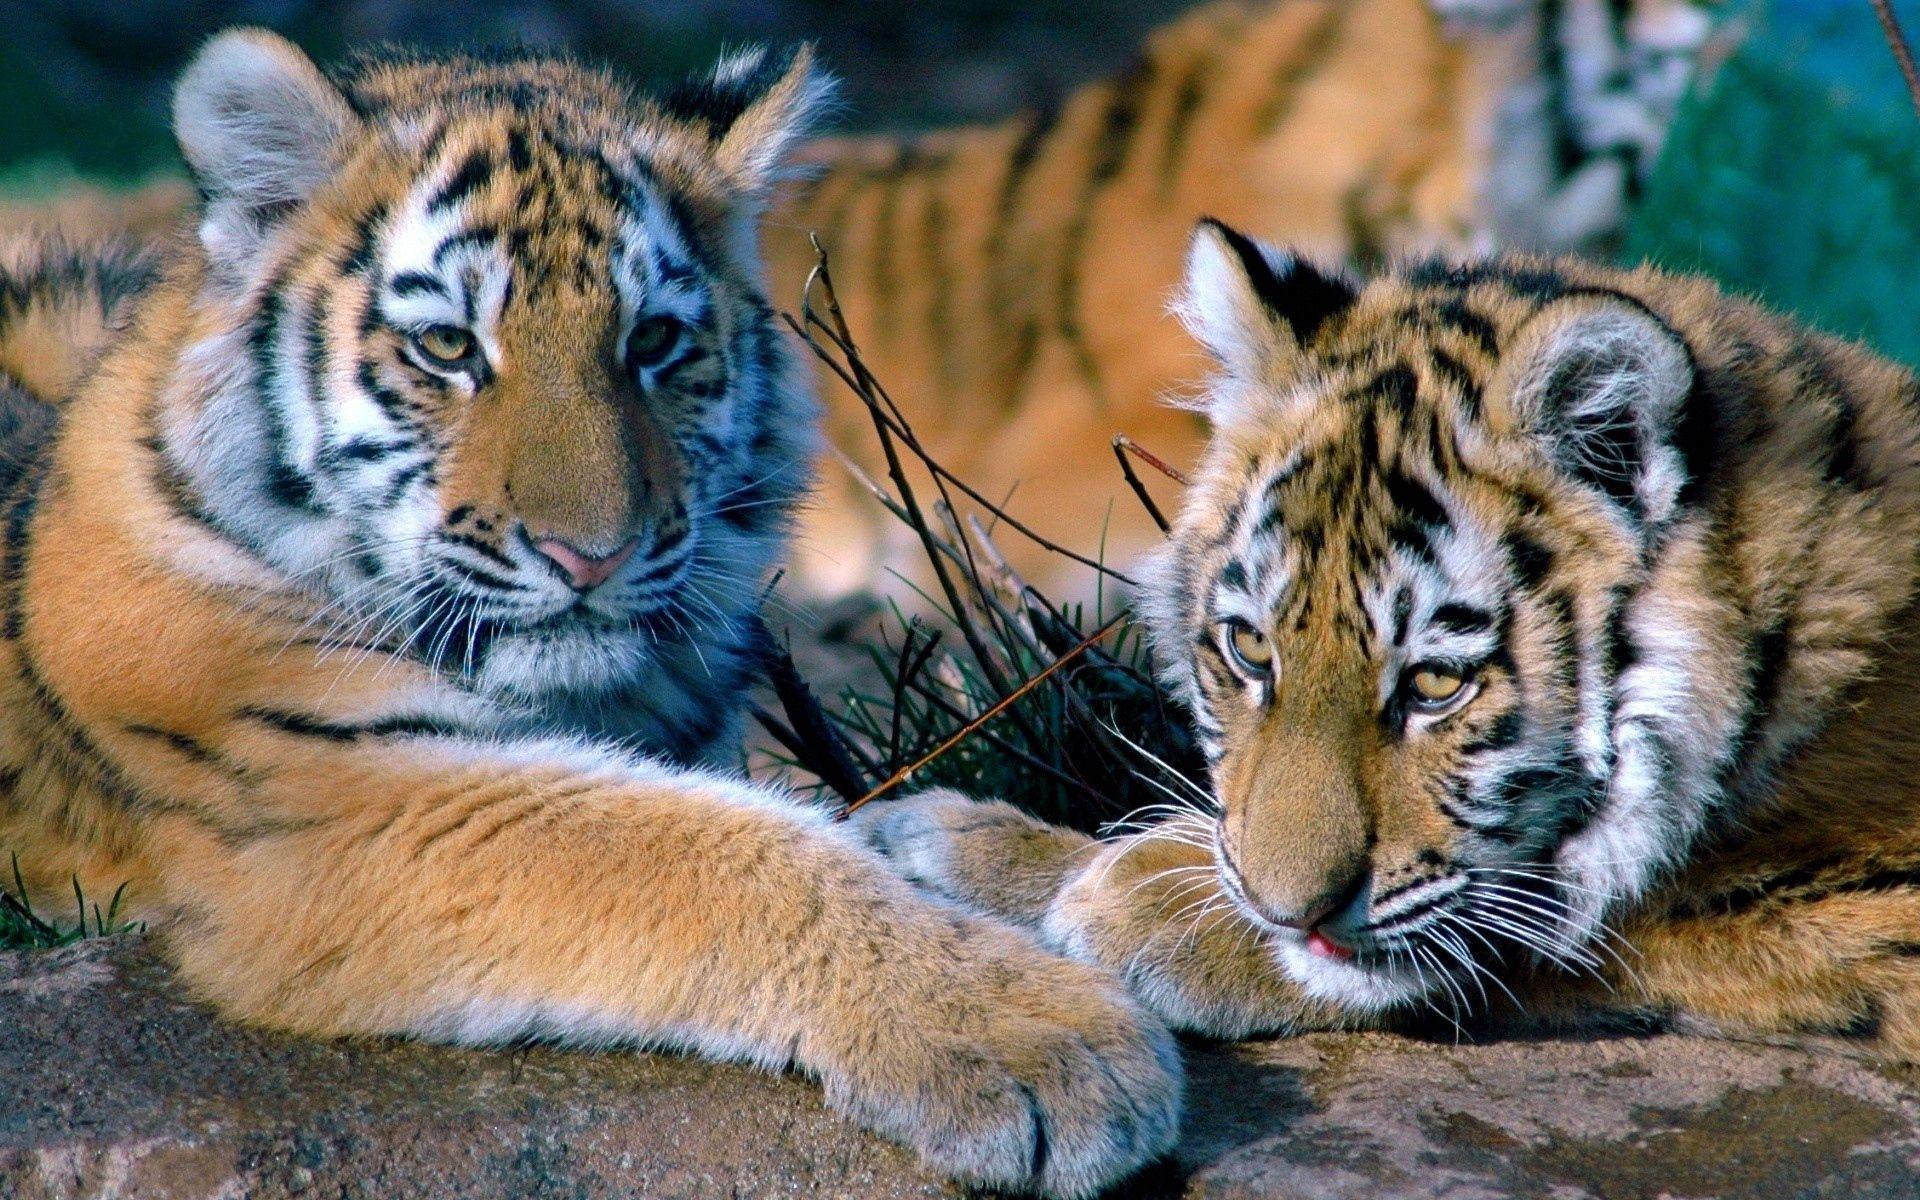 57760 descargar fondo de pantalla Animales, Pareja, Par, Tumbarse, Mentir, Una Familia, Familia, Depredadores, Tigres: protectores de pantalla e imágenes gratis